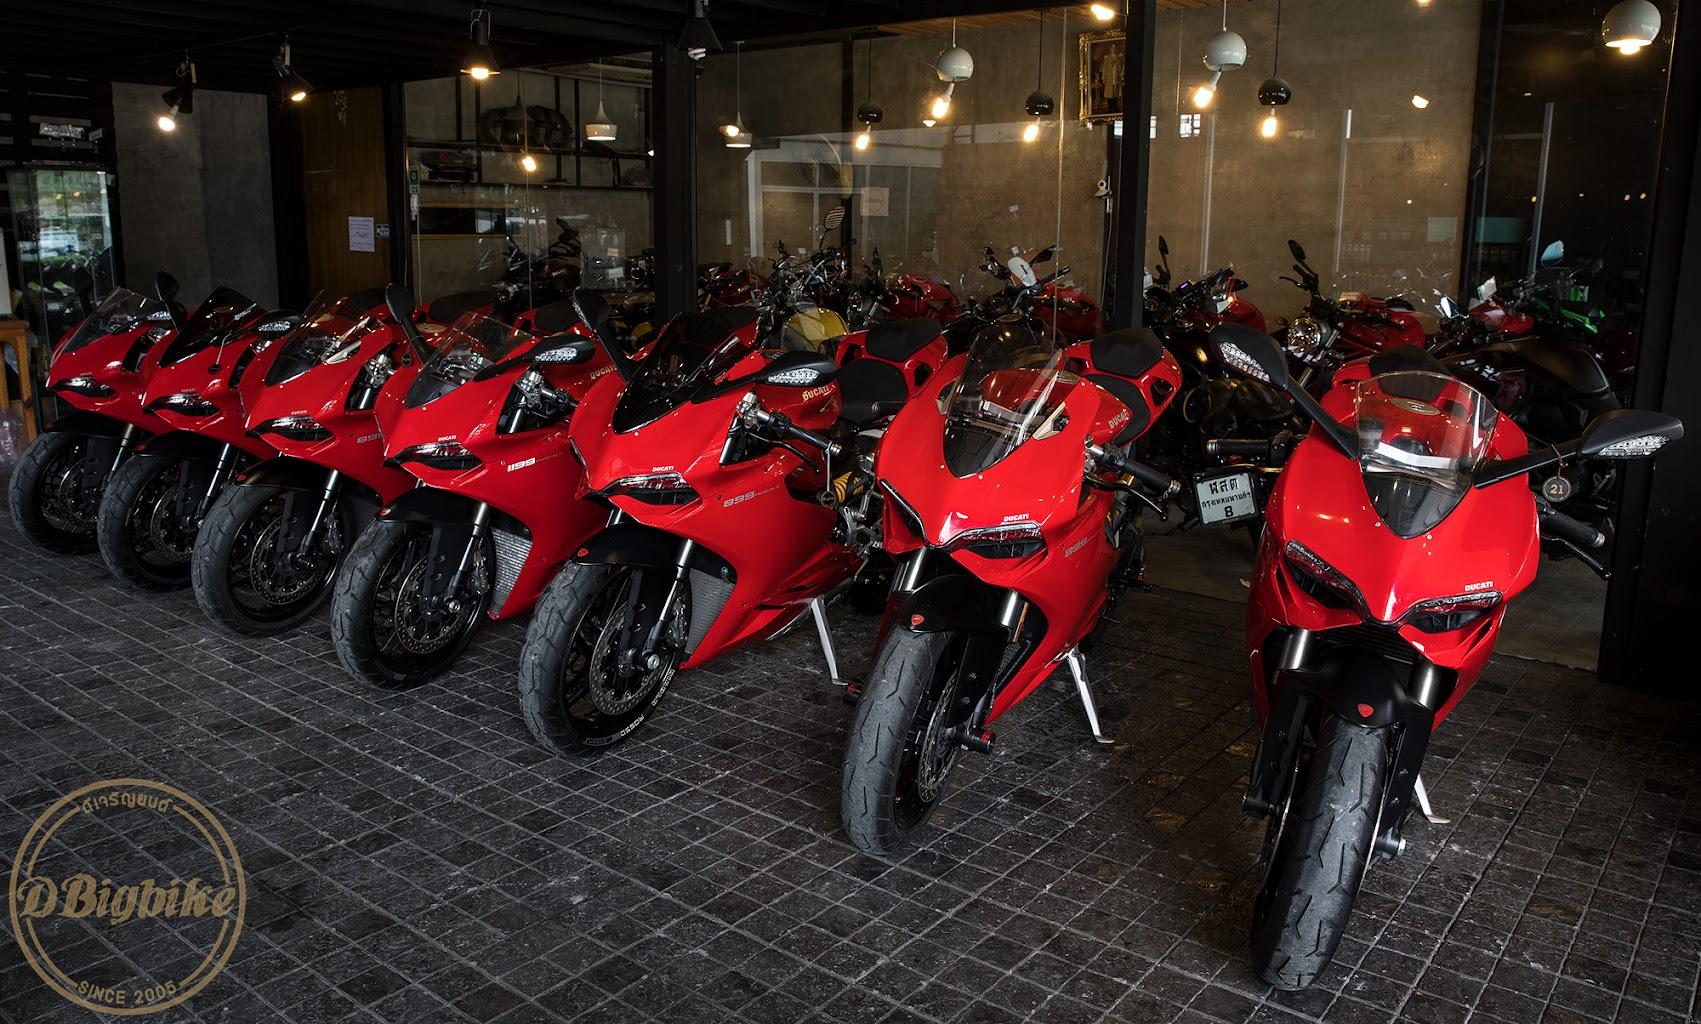 ขาย Ducati 899 panigale มือสอง